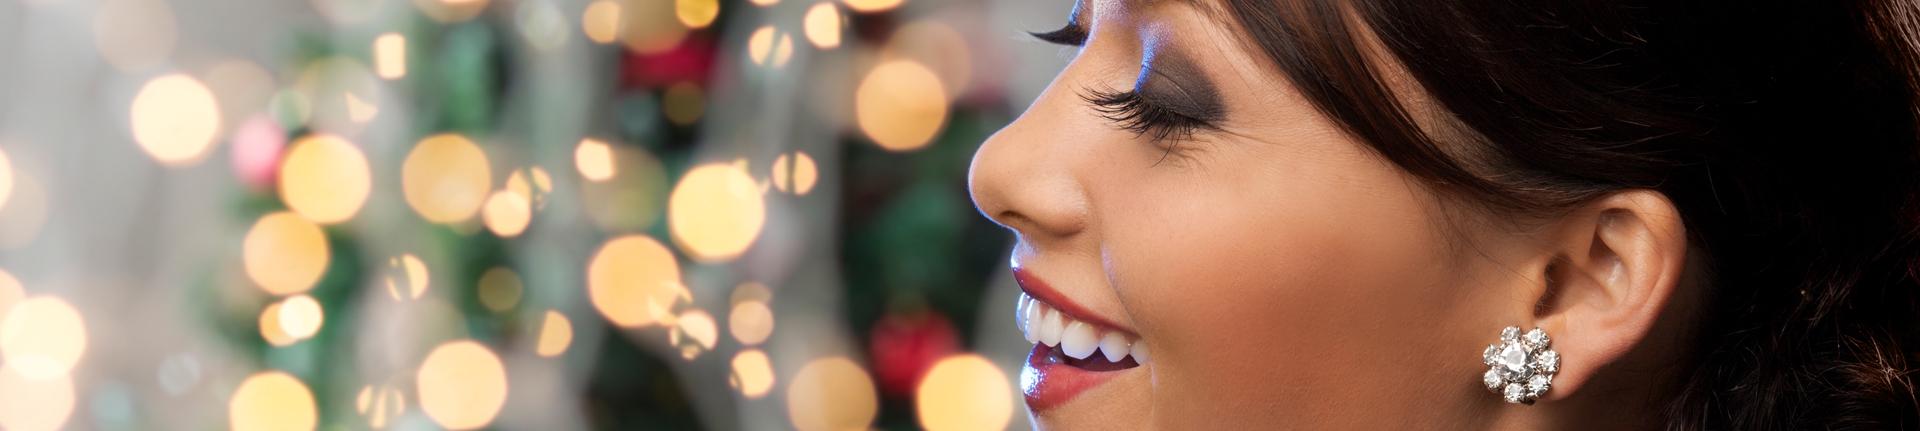 Maquiagem para o Réveillon: três sugestões para você arrasar